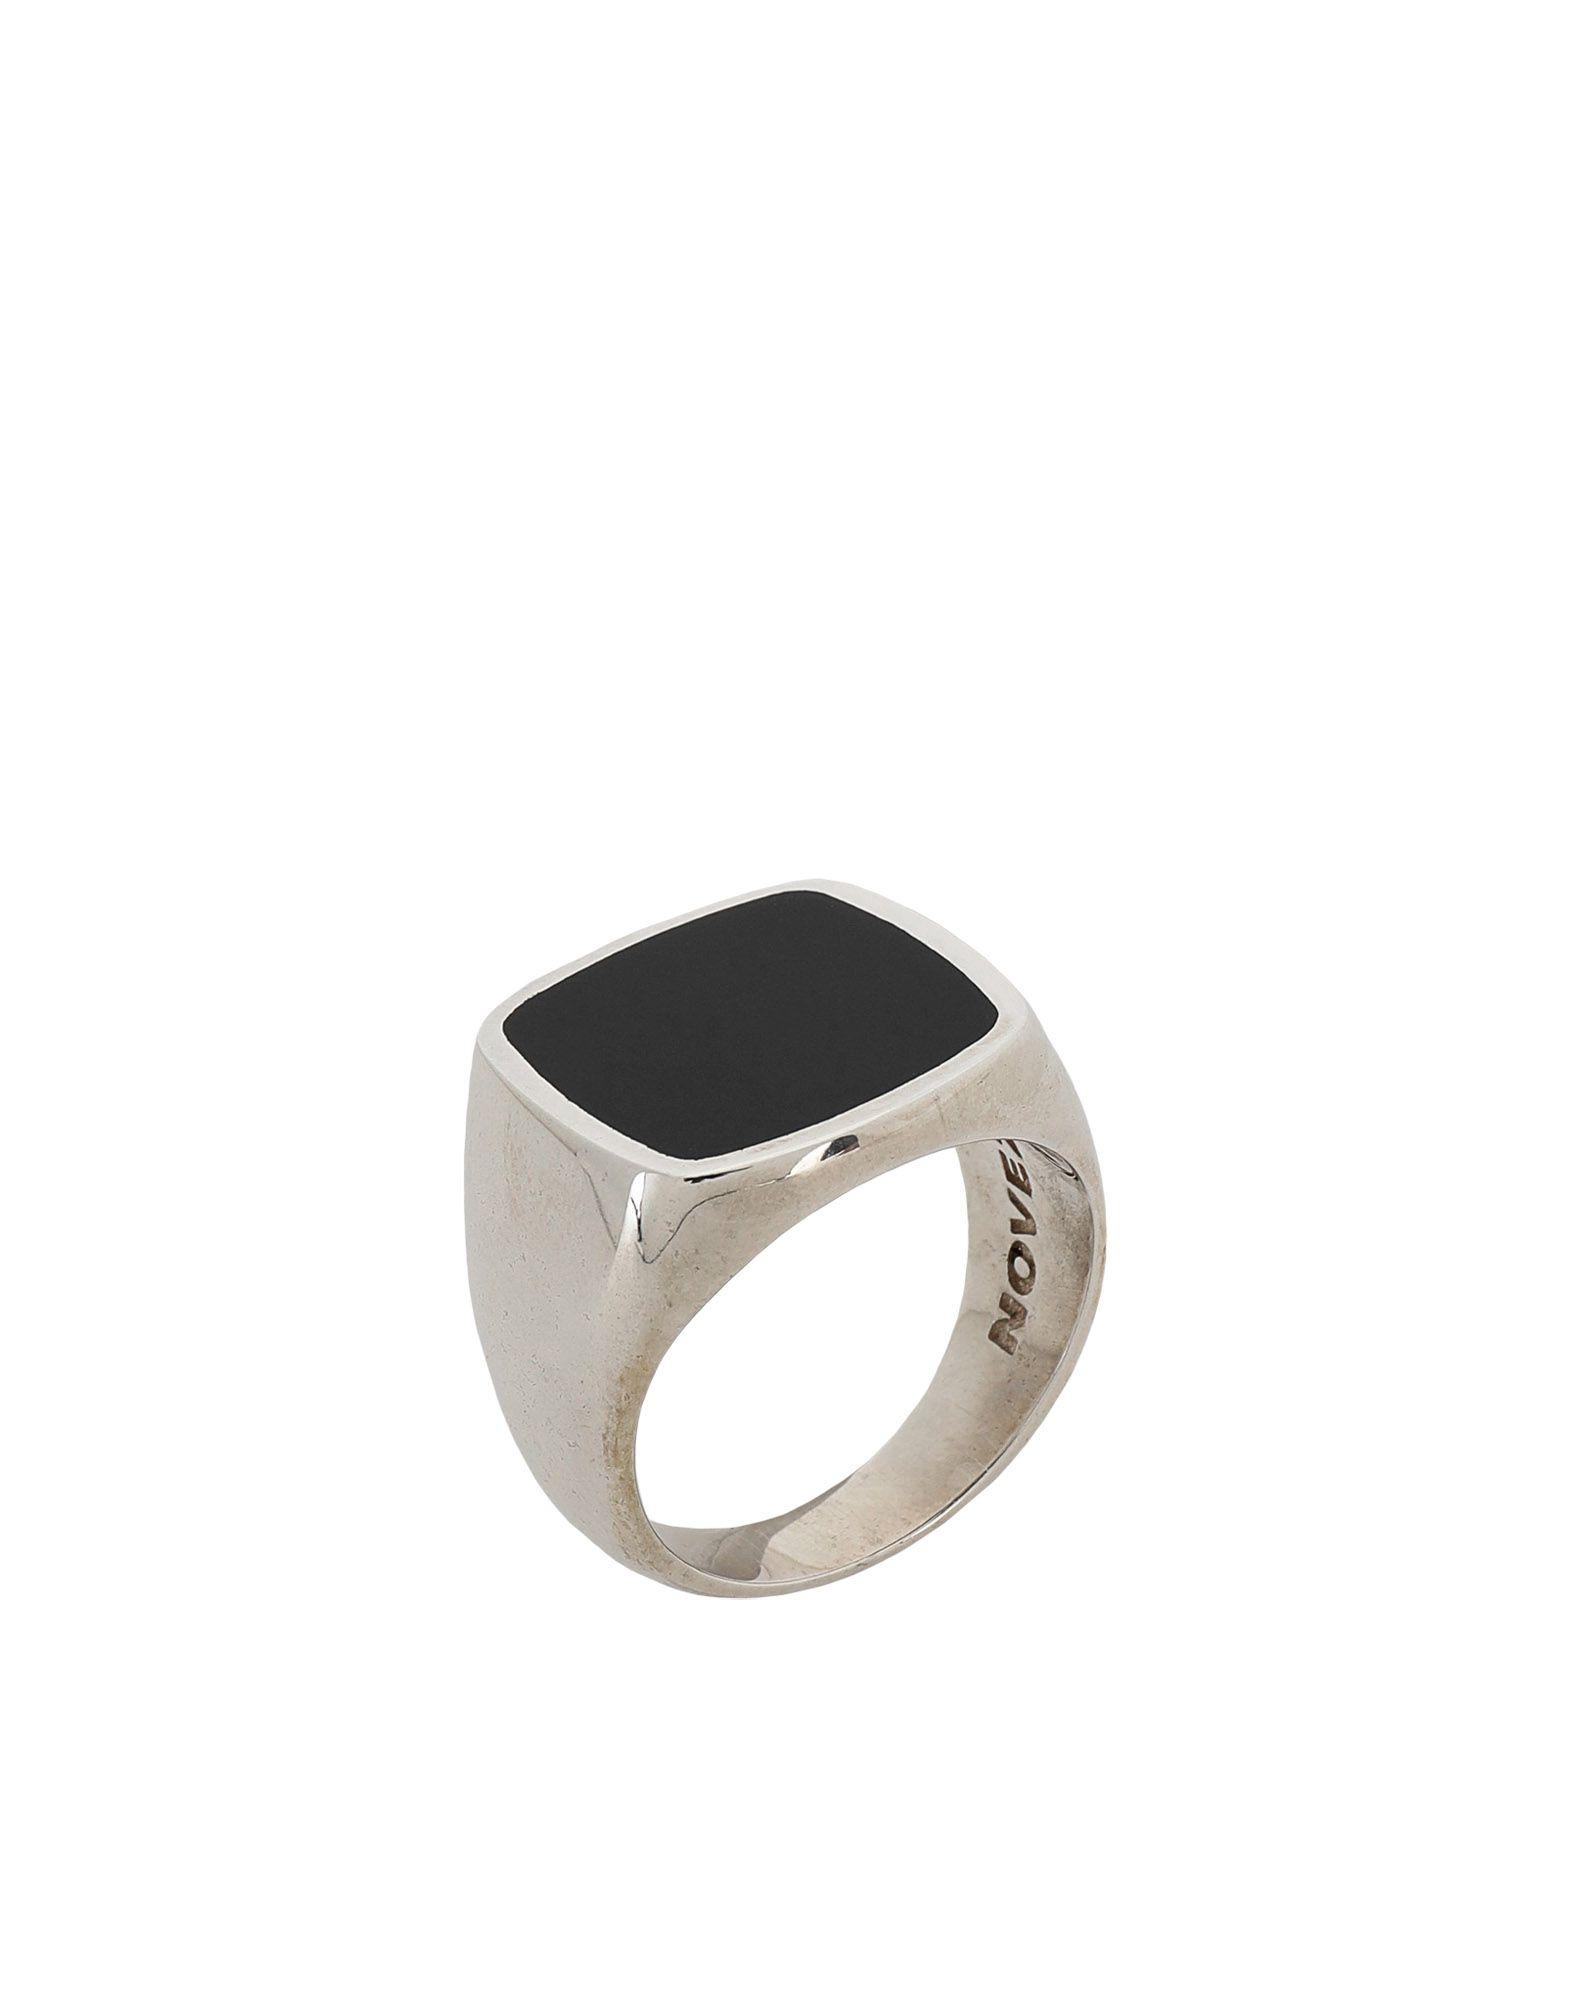 《期間限定 セール開催中》NOVE25 メンズ 指輪 シルバー 20 シルバー925/1000 BLACK ENAMEL SQUARE SIGNET RING